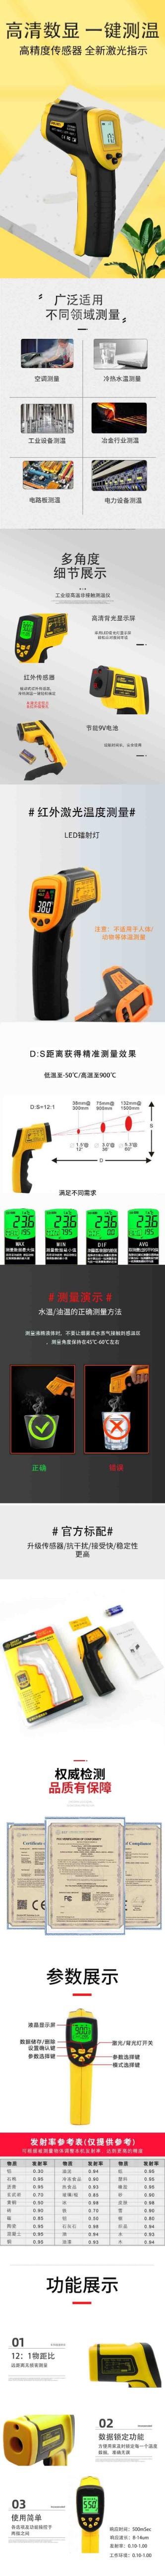 红外测温仪详情页.jpg